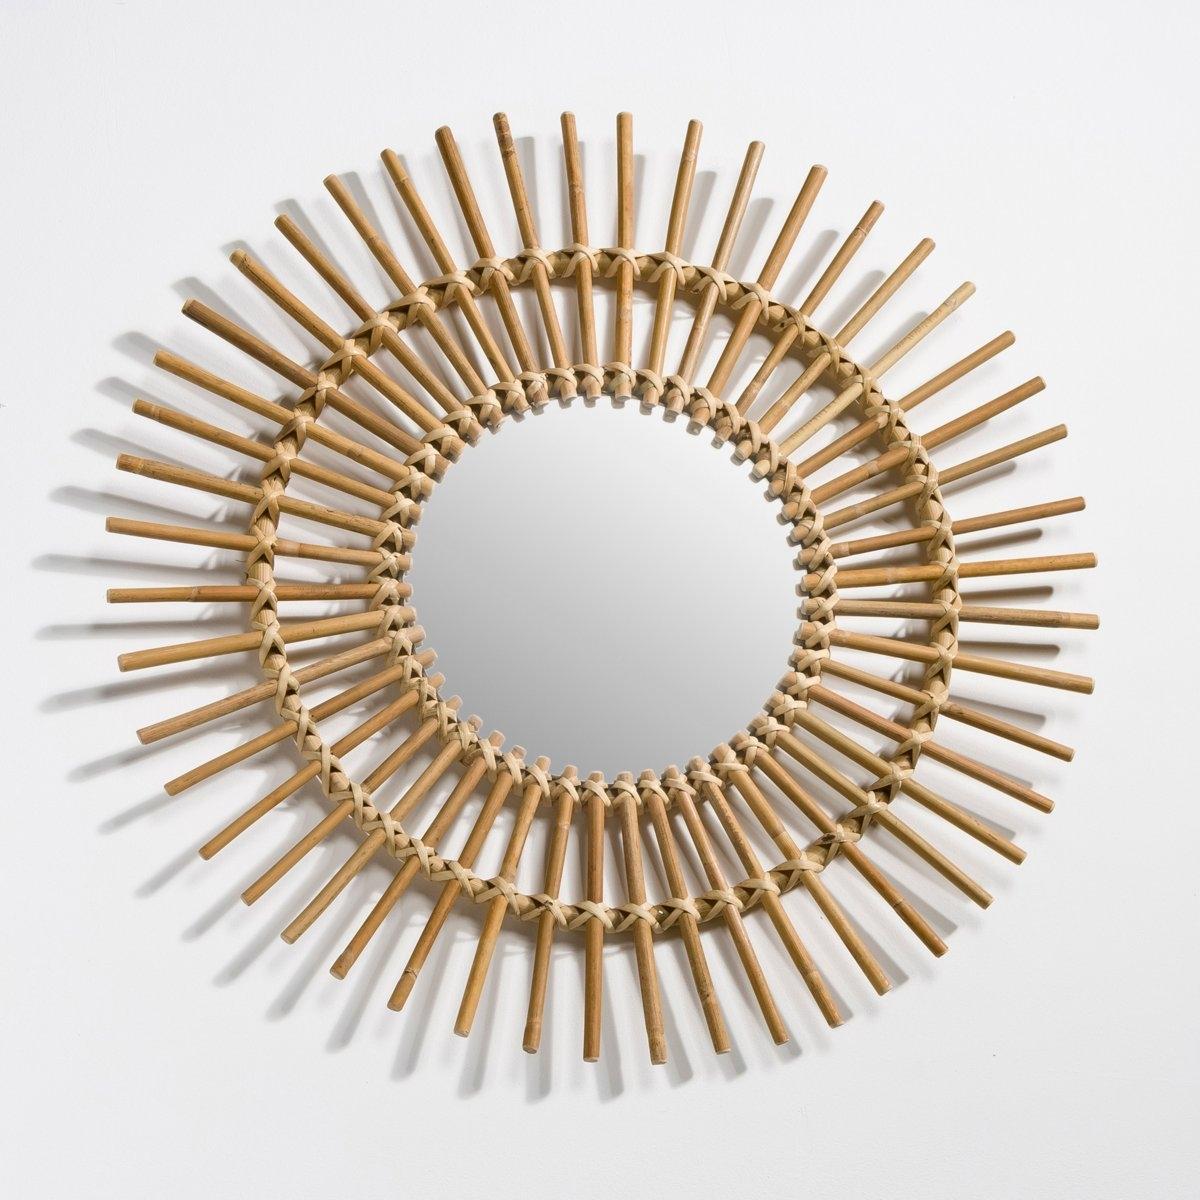 Винтажное зеркало в форме солнца из ротанга Nogu